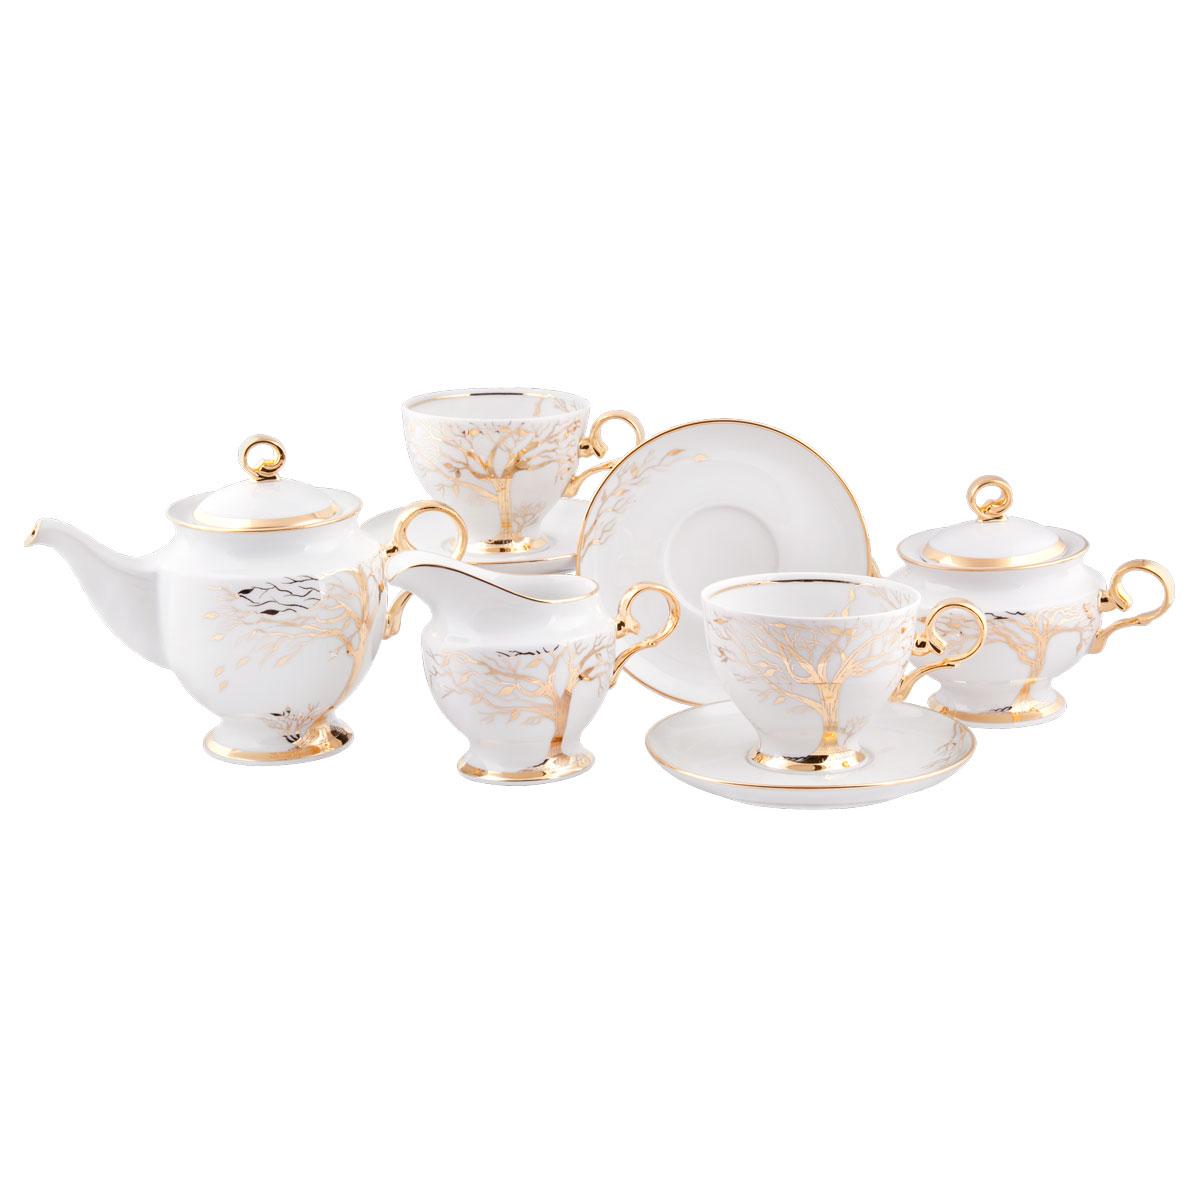 Сервиз чайный Башфарфор Листопад, 15 предметовСЧН 35.15.01.Ж139Сервиз чайный из белого фарфора рассчитан на 6 персон. Тонкий белый фарфор.Изумительная посуда для настоящих ценителей с хорошим вкусом, подходит и для особых случаев и на каждый день. В состав набора входит: чашка 250мл 6 шт, блюдце 14,5см 6 шт, сахарница 300мл 1шт, чайник 600мл 1 шт, Молочник 250мл 1шт.